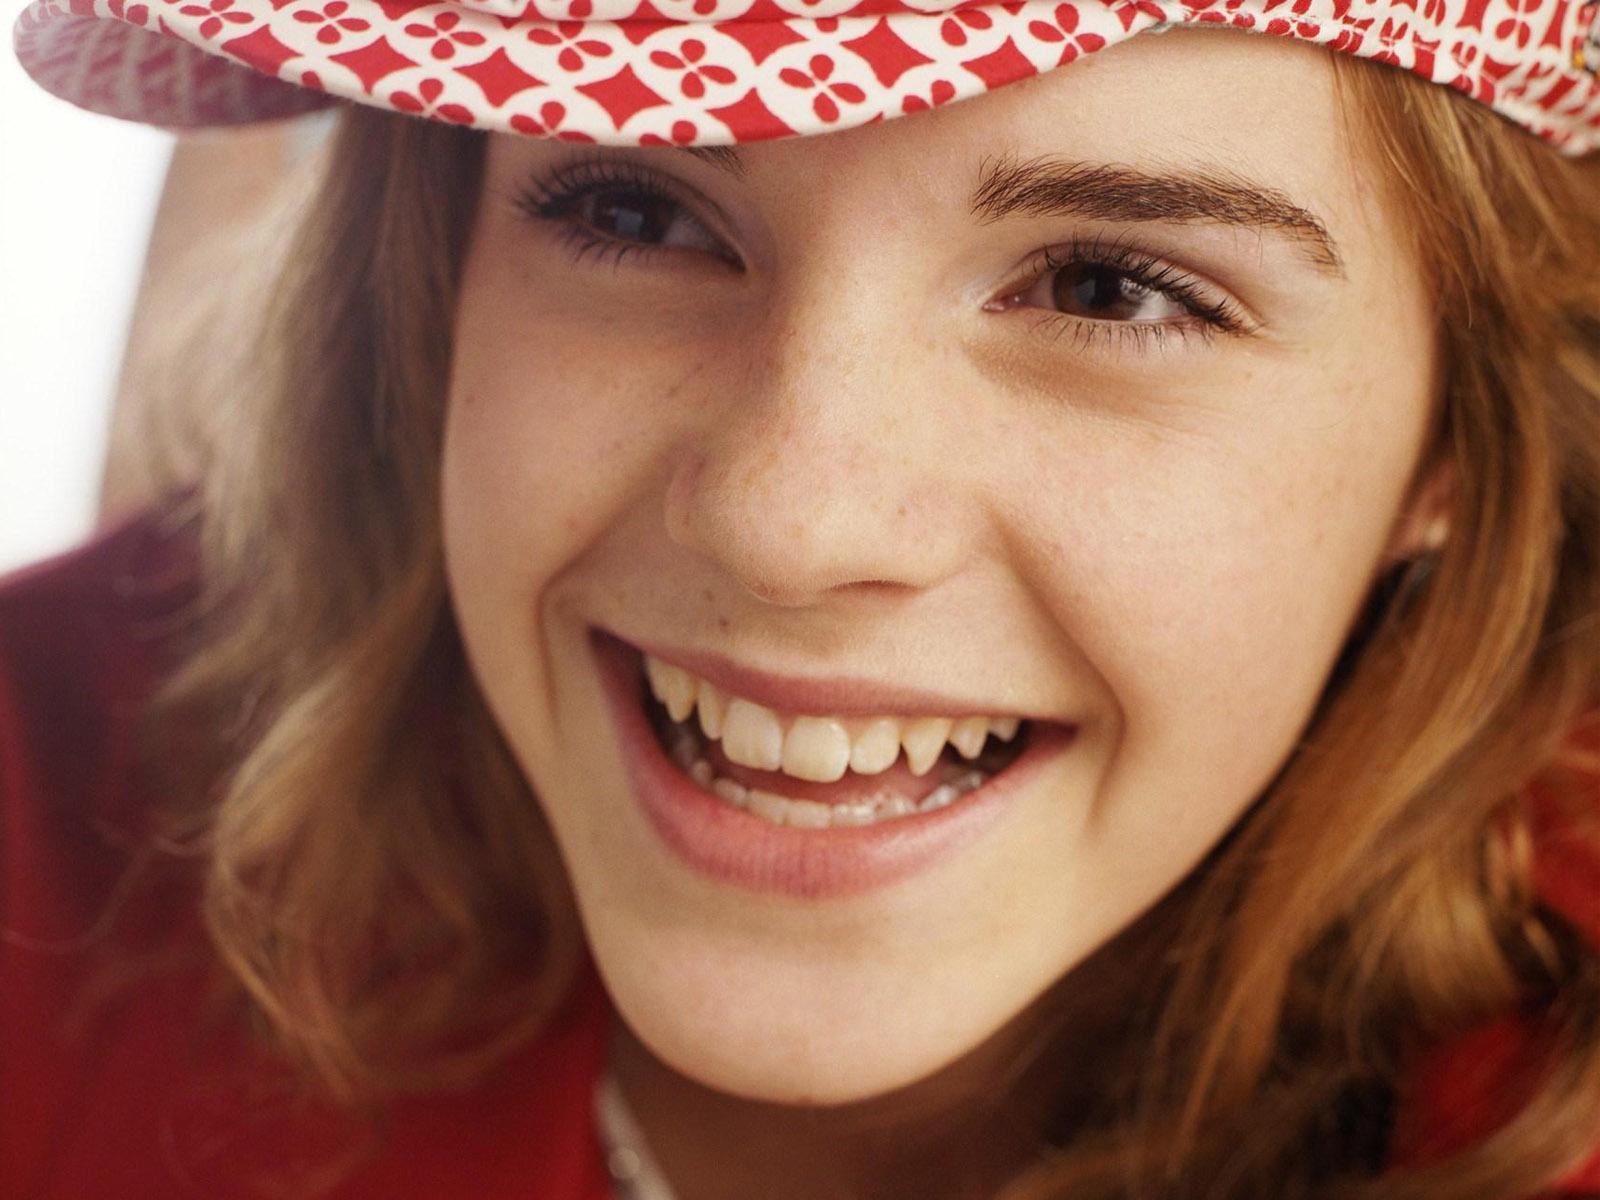 Vamos entender a oclusão dentária - Fortíssima